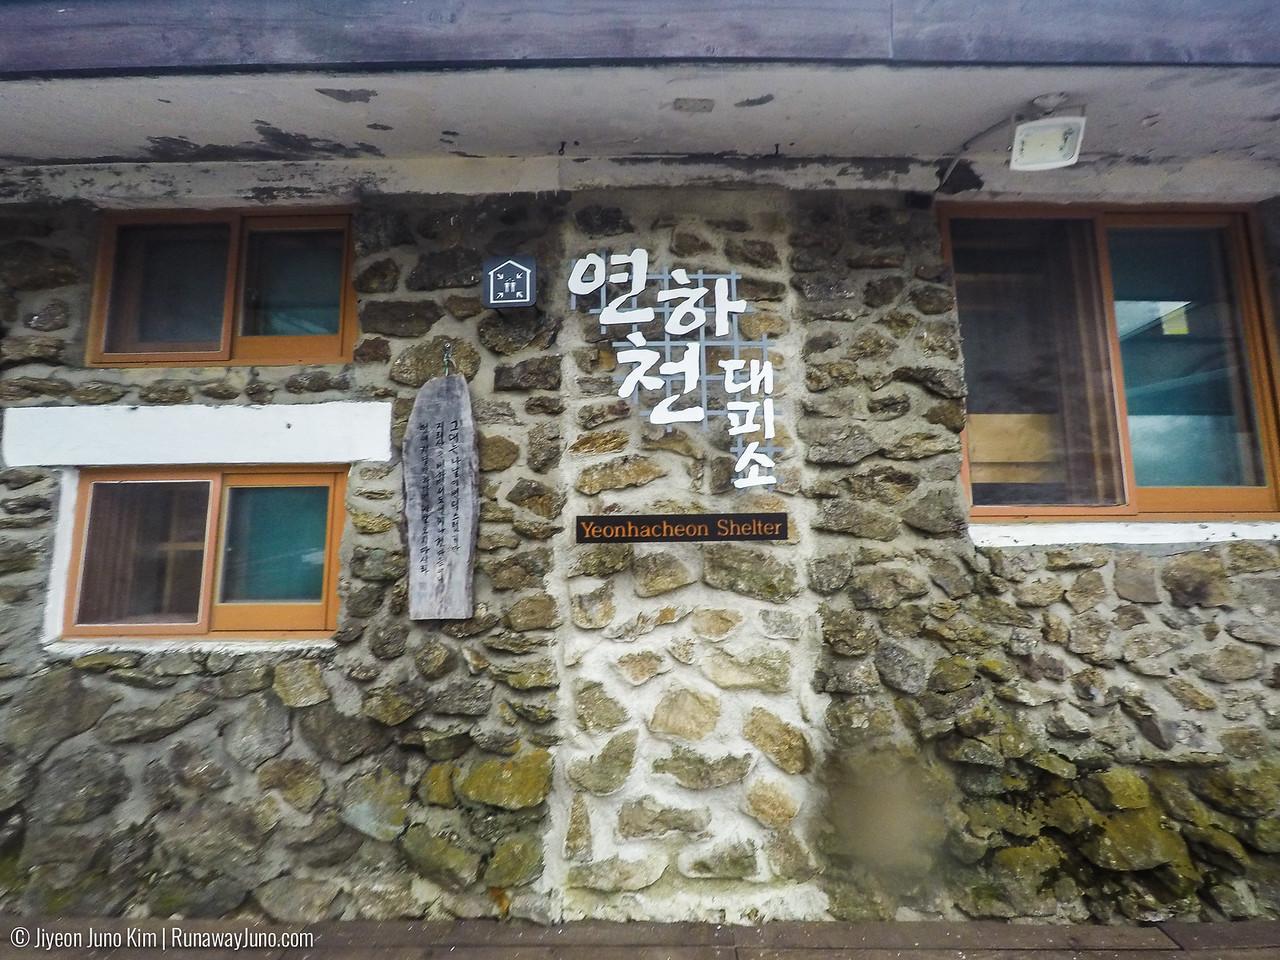 Yeonhacheon Shelter